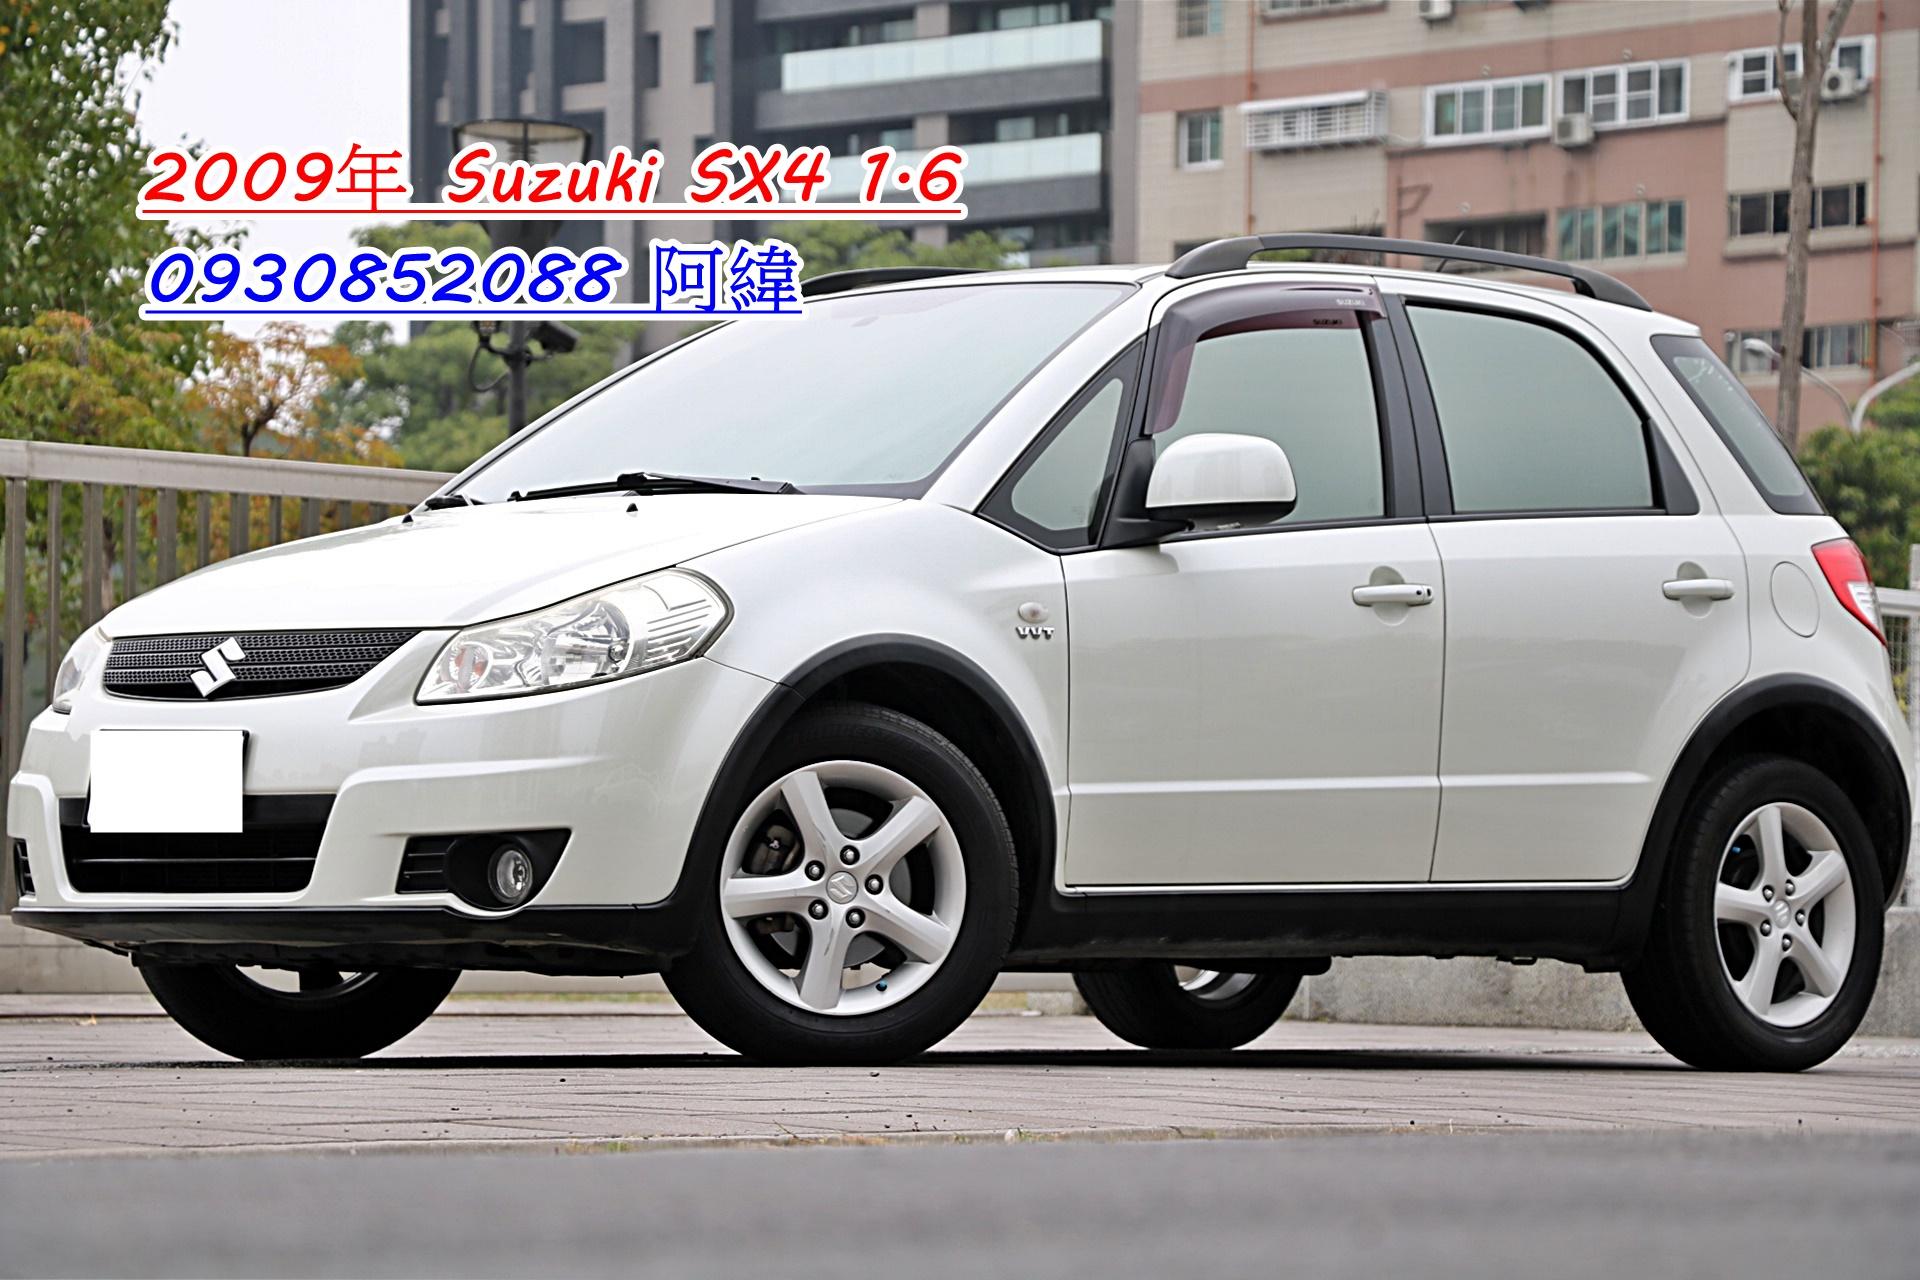 2009 Suzuki 鈴木 Sx4